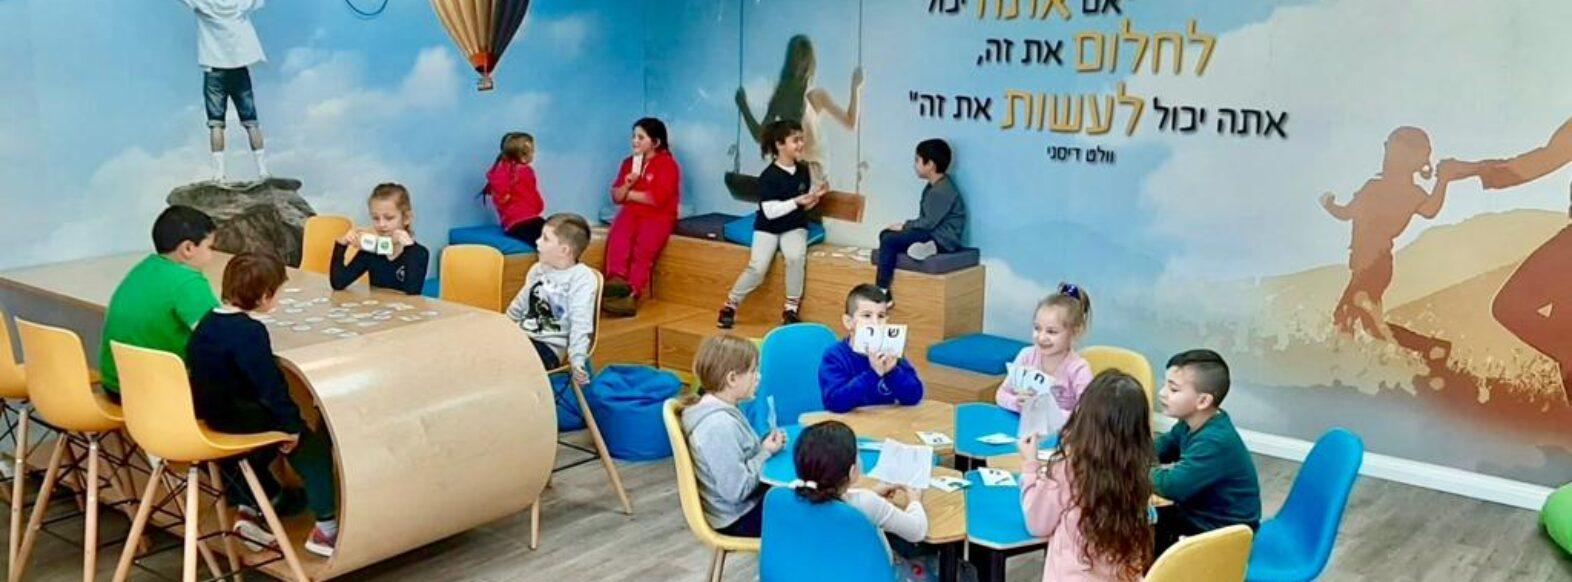 קריית ביאליק פותחת 4 בתי ספר יסודיים לבחירה מבוקרת